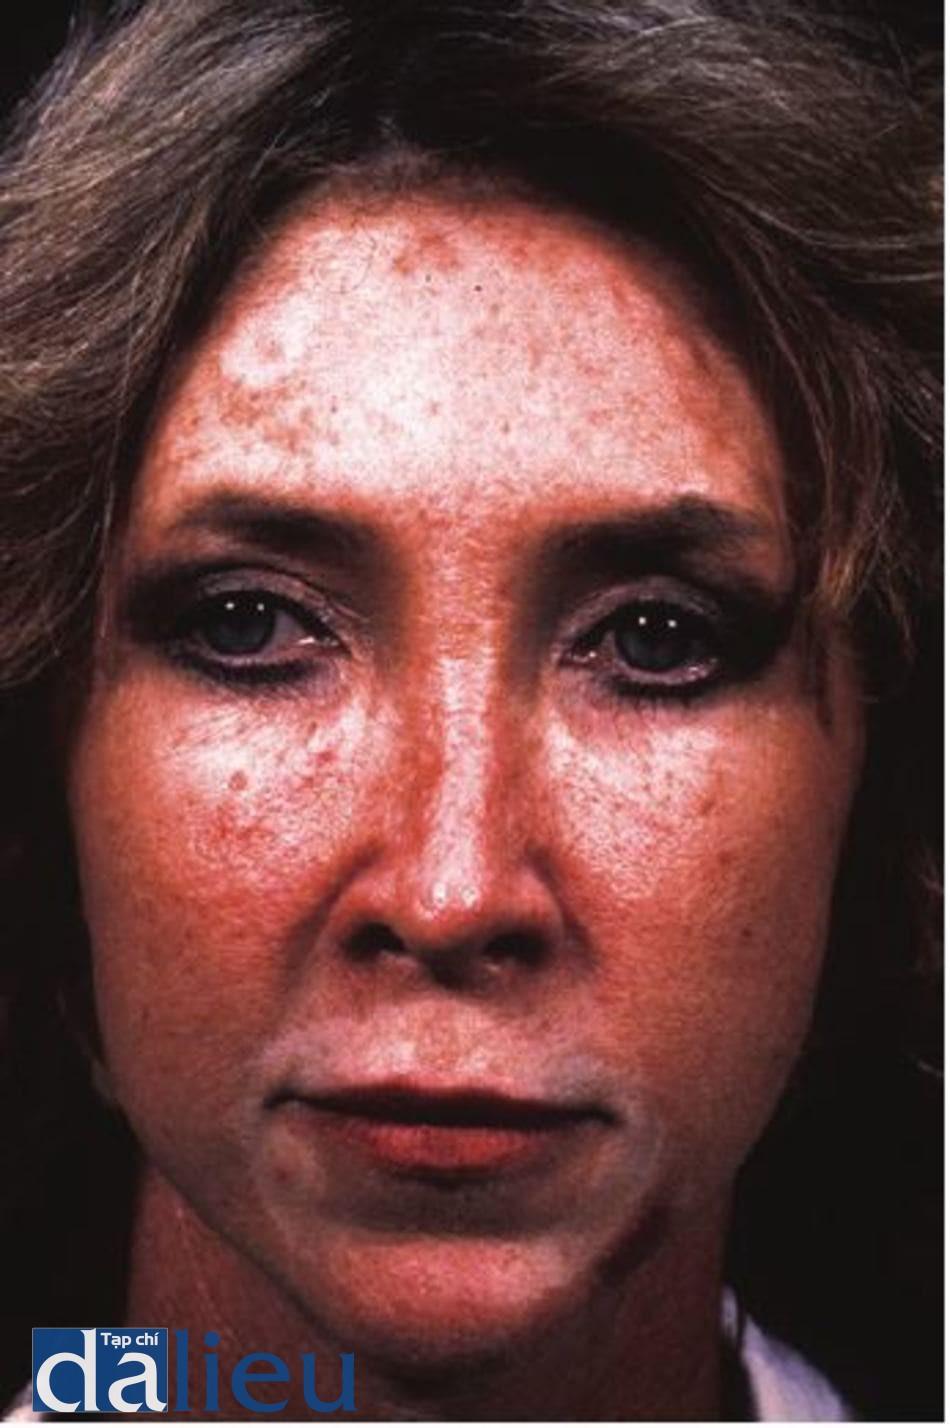 Hình 11.21 Một bệnh nhân cho thấy mất sắc tô' vĩnh viễn quanh miệng sau khi lột da khu trú bằng phenol.